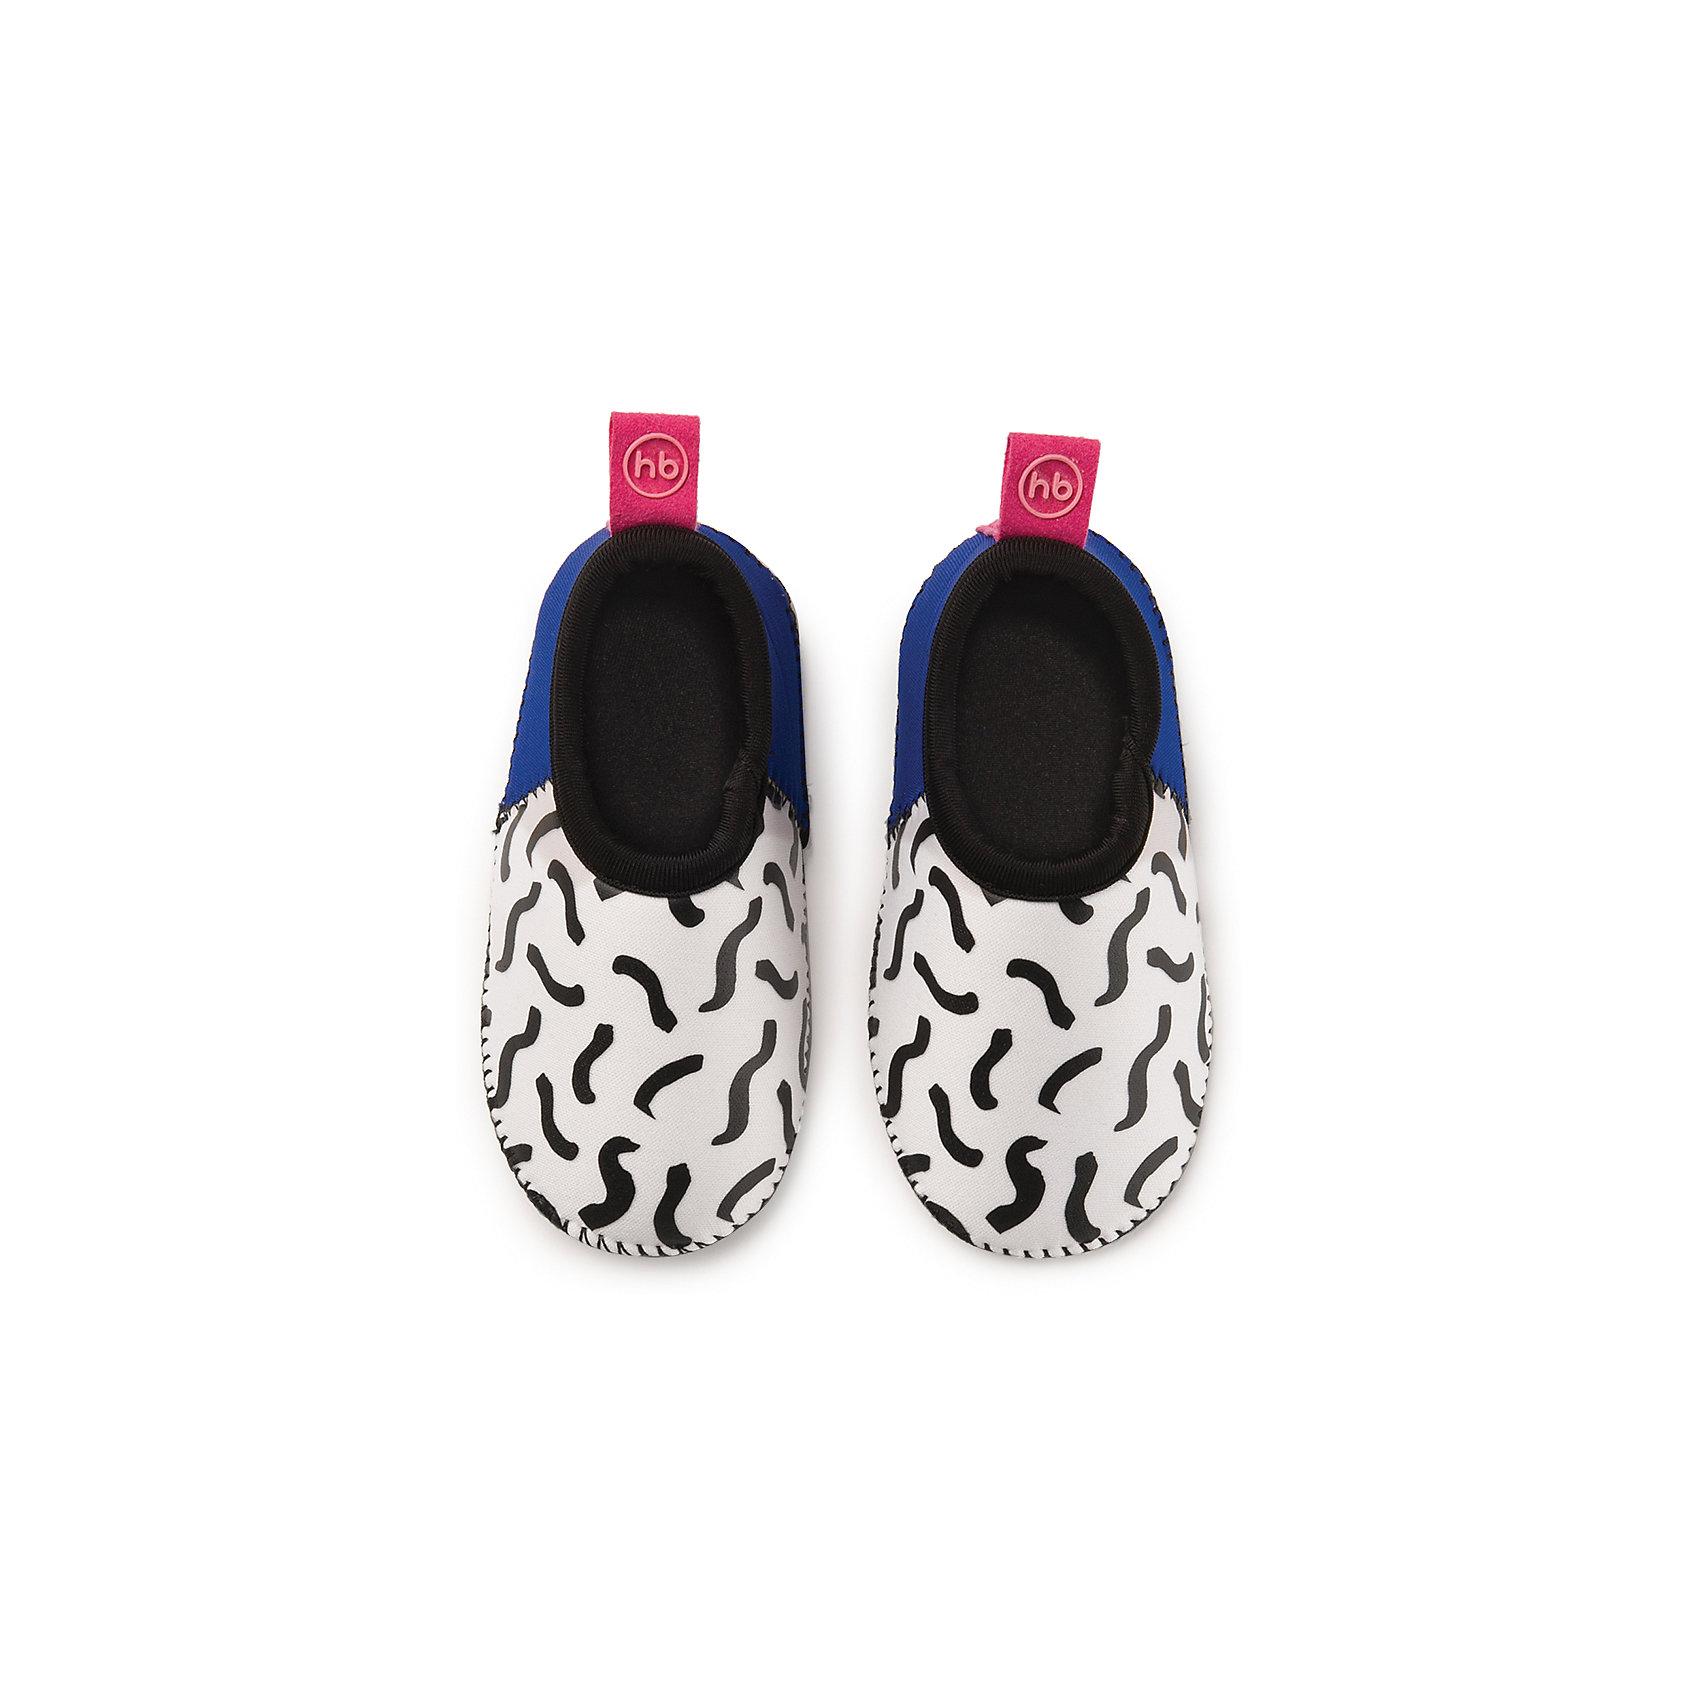 Плавательные тапочки для мальчика размер 23, Happy BabyПляжная обувь<br>Тапочки для плавания HBтм сделают активный отдых ребенка на море ещё более приятным. В этой обуви малыш сможет уверенно ходить по камням, горячему песку или скользкой поверхности. Во время плавания ребёнок чувствует себя естественно, ведь тапочки изготовлены из лёгкого и приятного на ощупь материала. Водонепроницаемые и теплоудерживающие тапочки для плавания HBтм помогут сохранить ножки ребёнка в тепле и безопасности. Длина стельки 13,5 см<br><br>Ширина мм: 40<br>Глубина мм: 60<br>Высота мм: 190<br>Вес г: 53<br>Возраст от месяцев: 24<br>Возраст до месяцев: 36<br>Пол: Унисекс<br>Возраст: Детский<br>SKU: 6681118